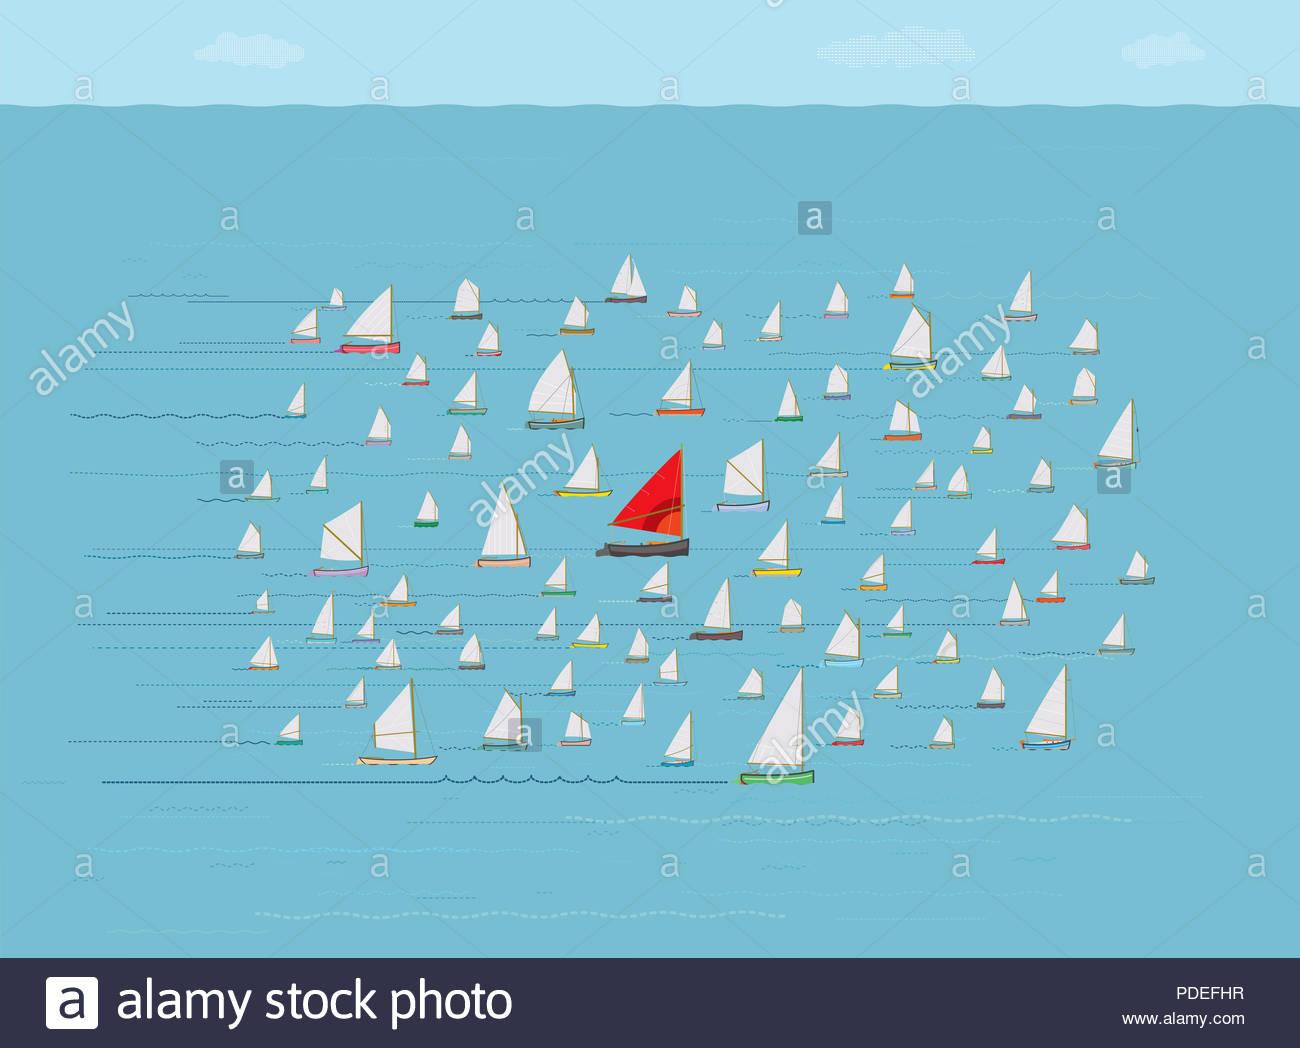 Andare con il flusso in barca a vela, percorrendo con la folla, Sicurezza in numeri, nautico, i concetti e le idee, la stessa direzione, in esecuzione con il Pack Immagini Stock